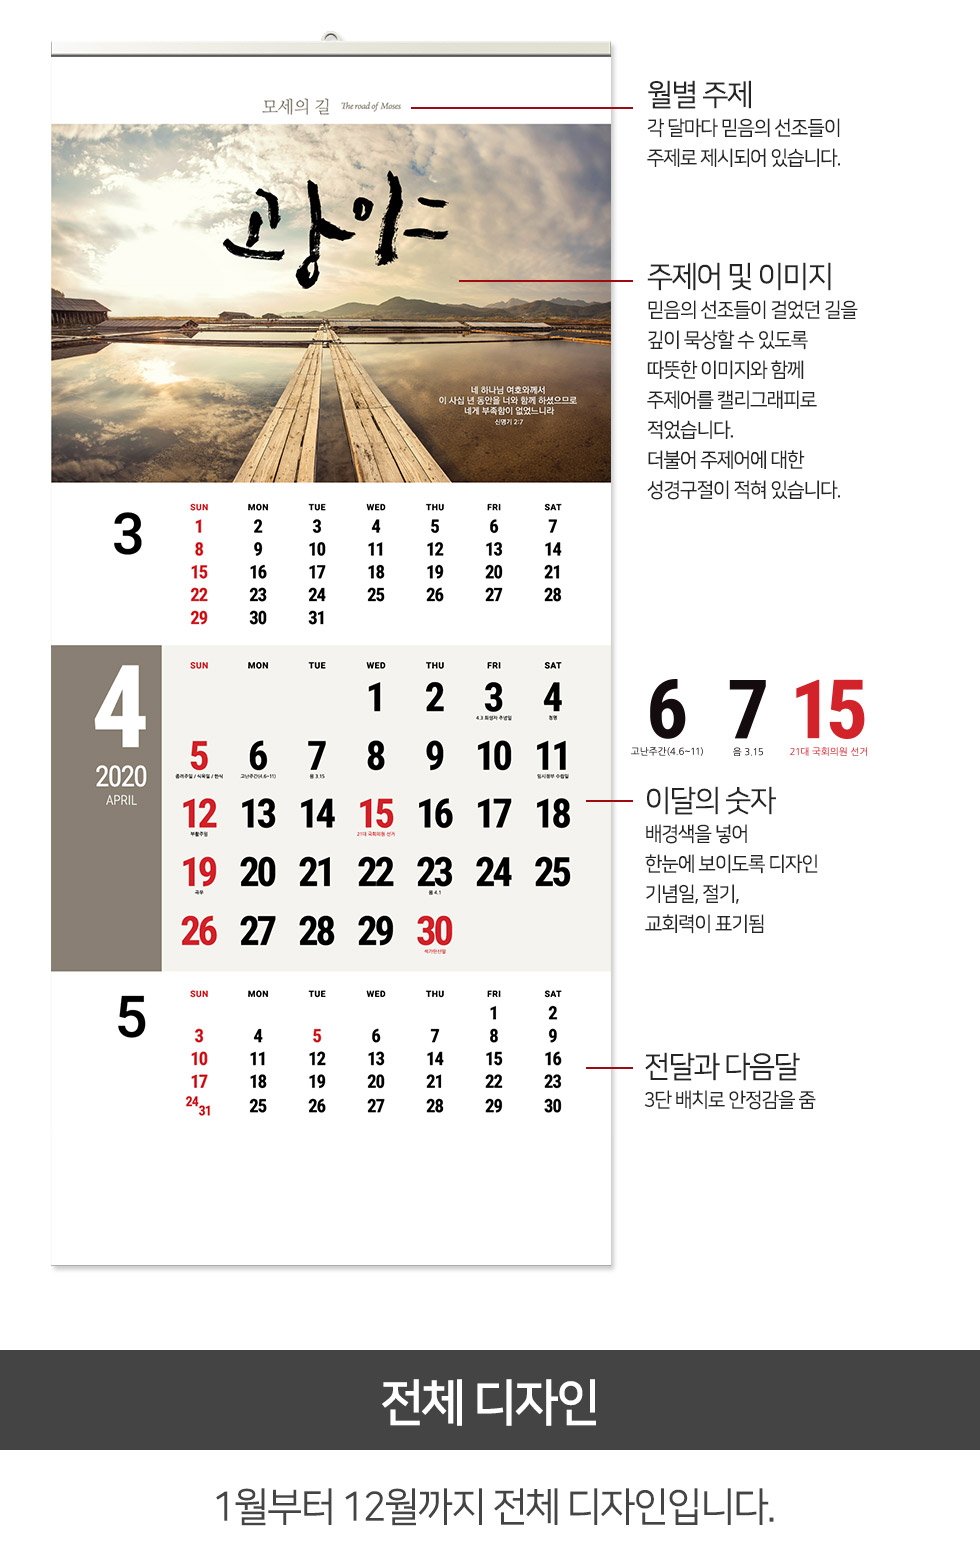 2019년 벽걸이달력 길